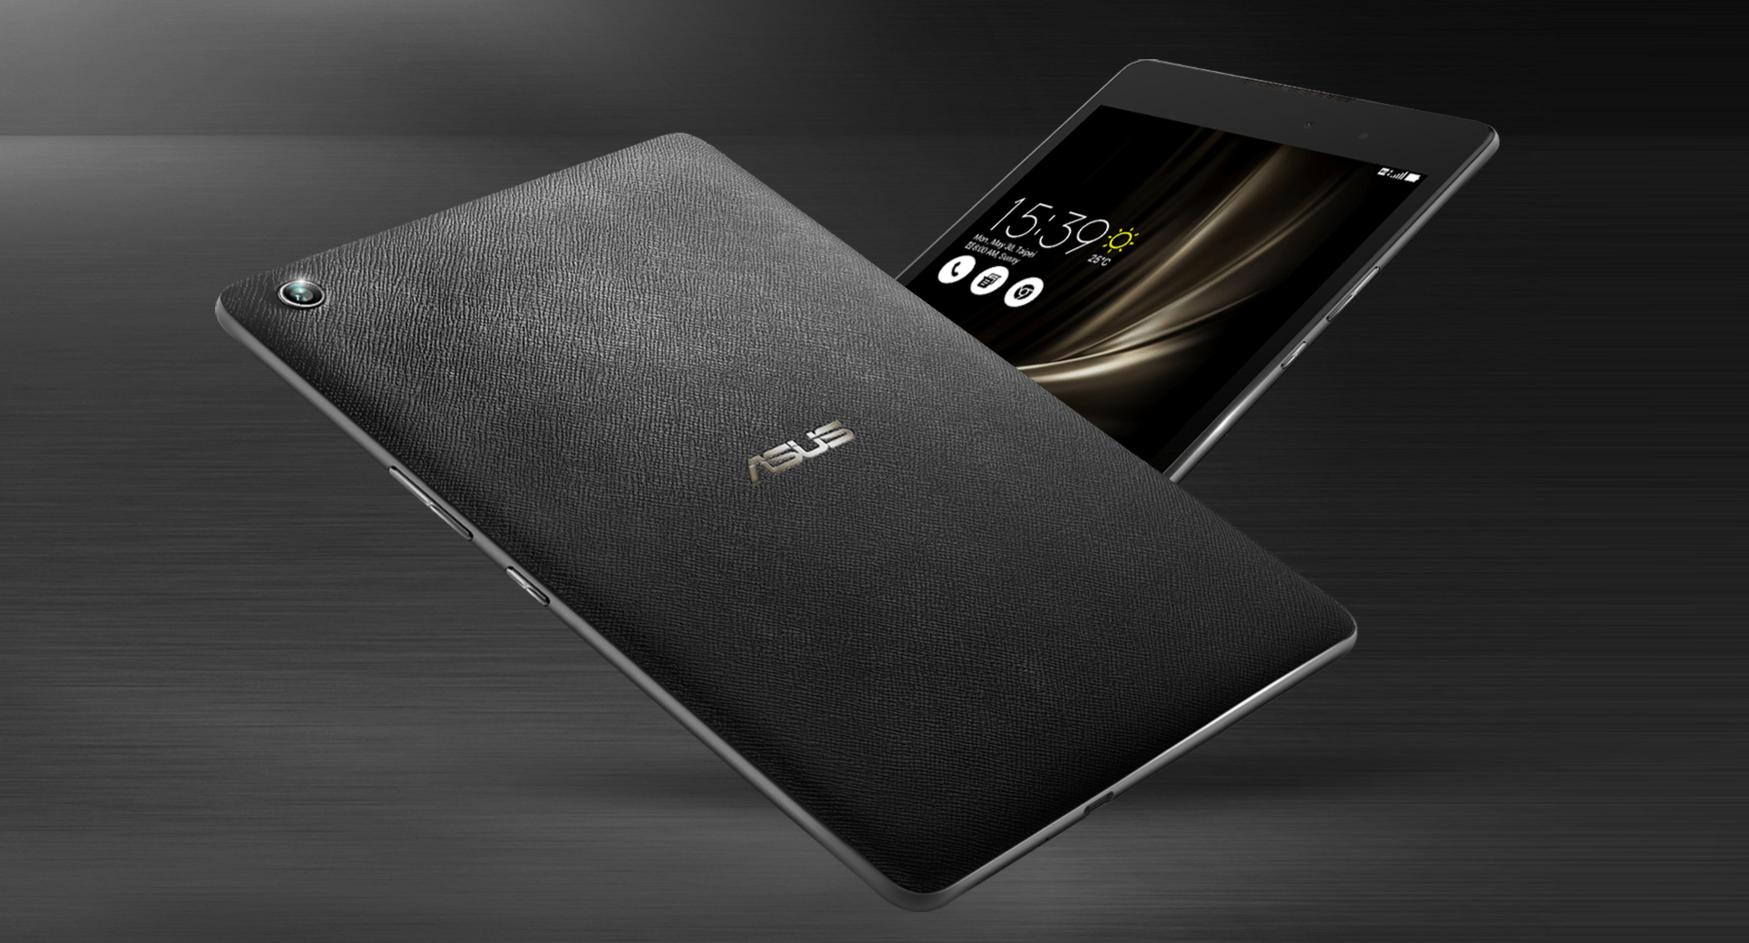 Asus ZenPad 3 8.0, une tablette compacte aux caractéristiques prometteuses